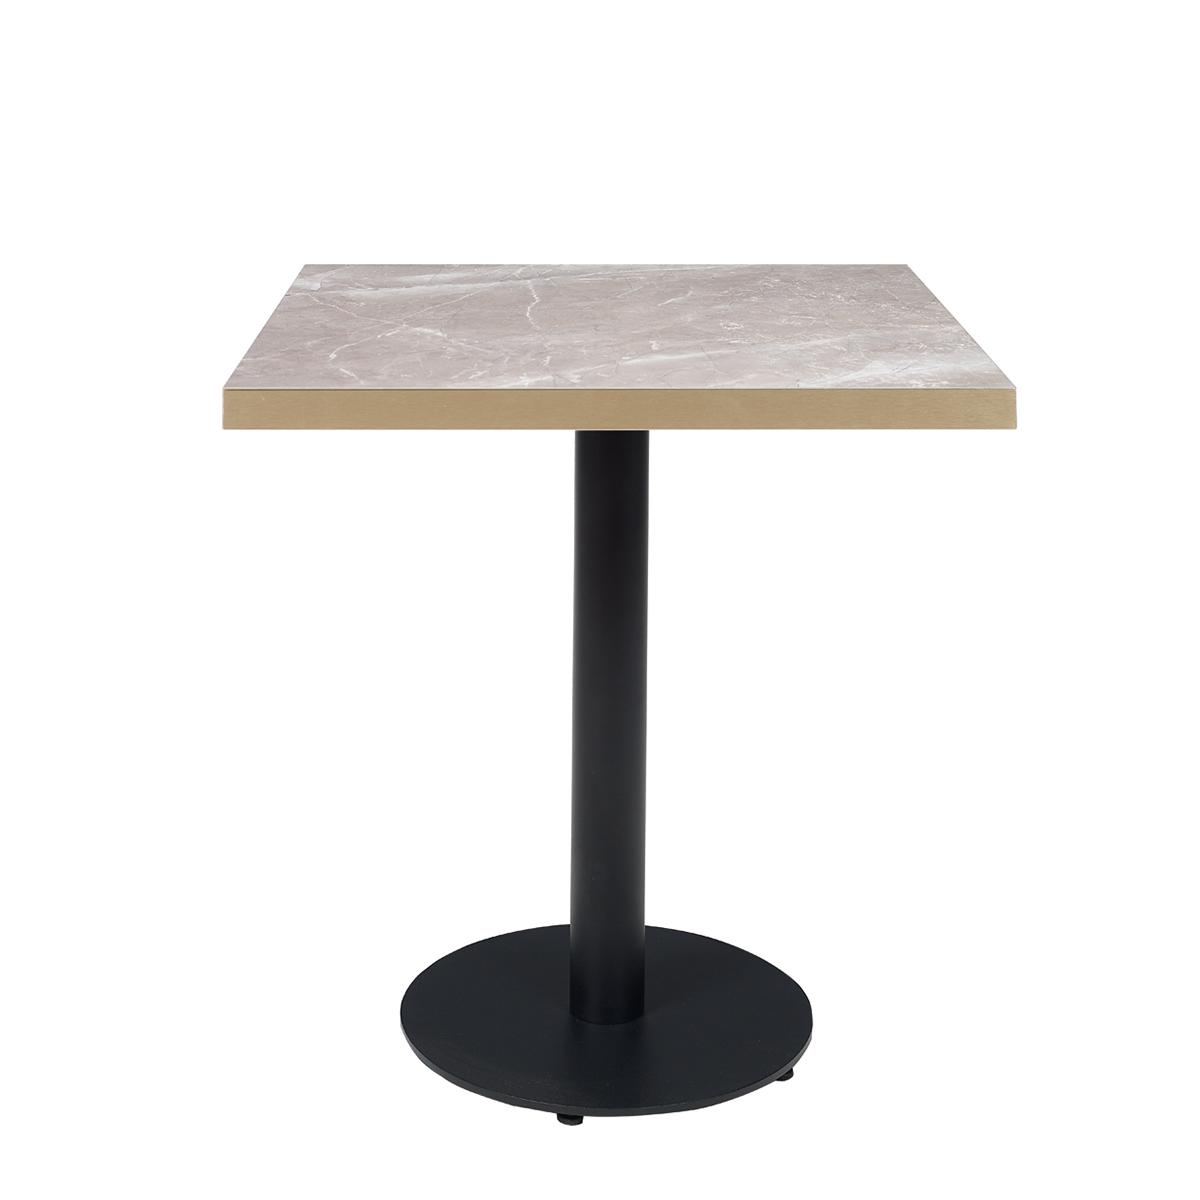 mesa kolonia 9201 negra con metalmelamina atenea gris canto bronce